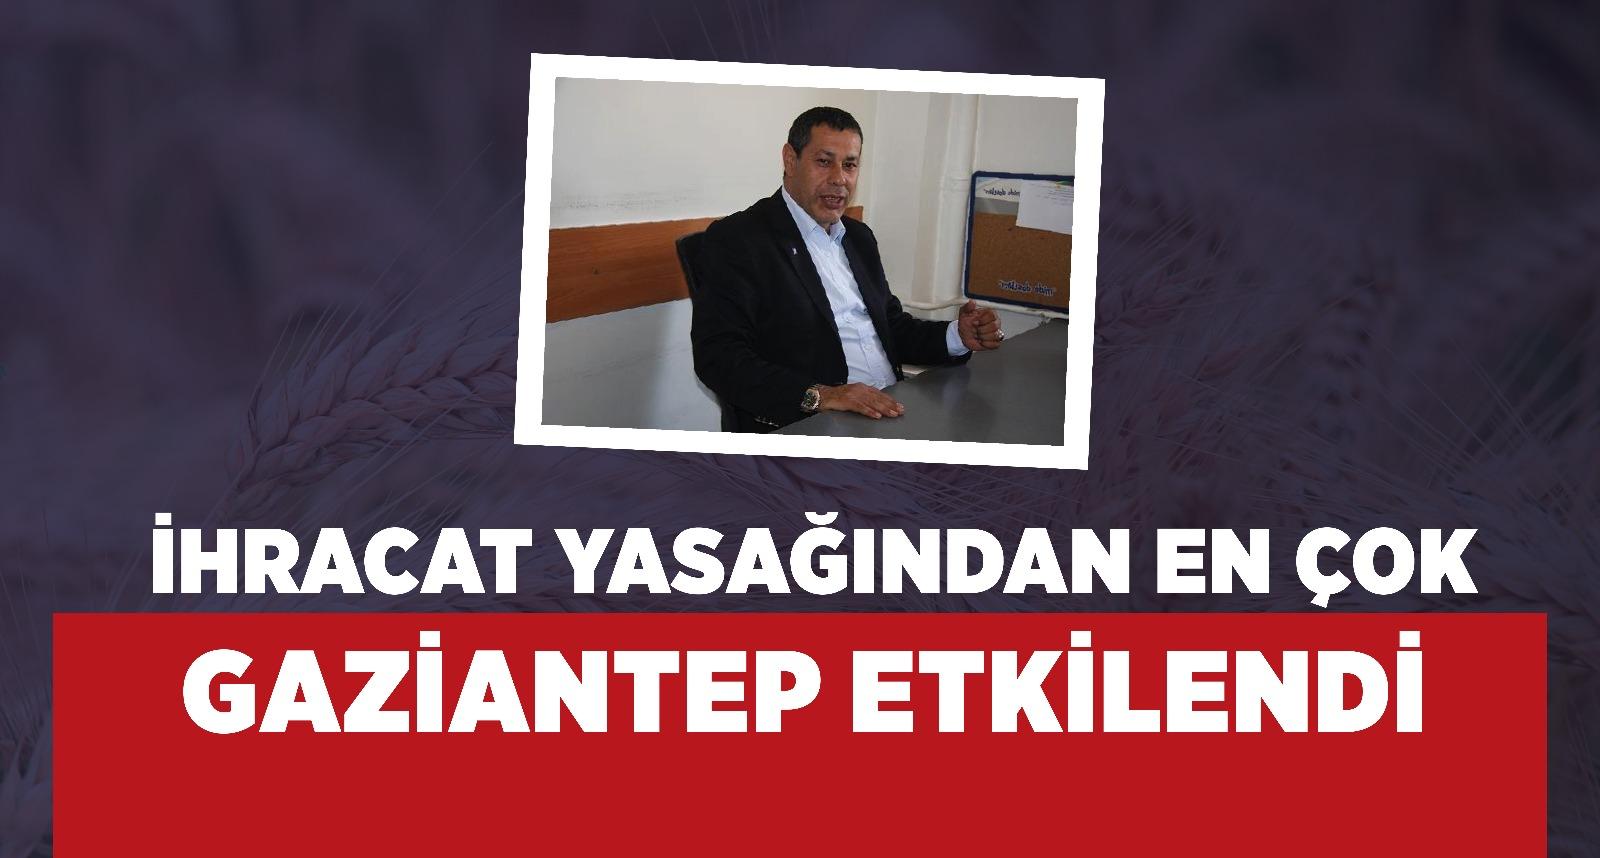 İhracat yasağından en çok Gaziantep etkilendi